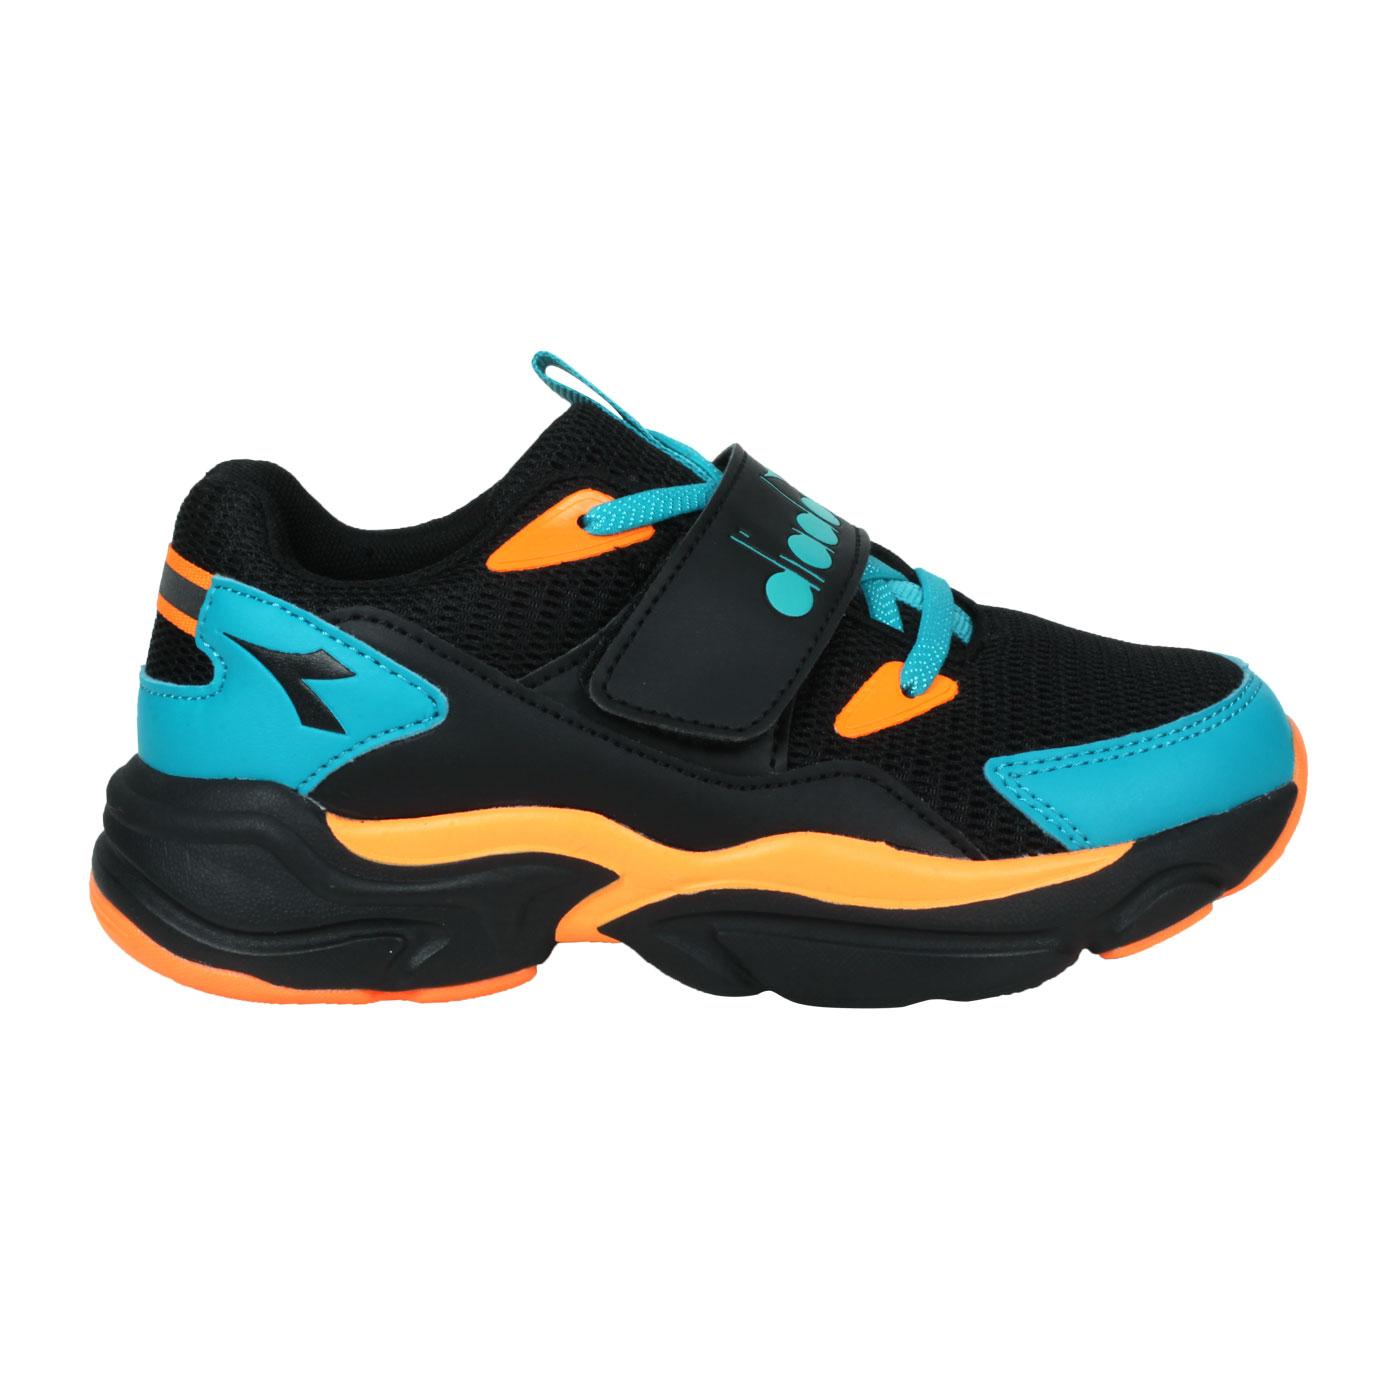 DIADORA 中童運動鞋-超寬楦 DA11023